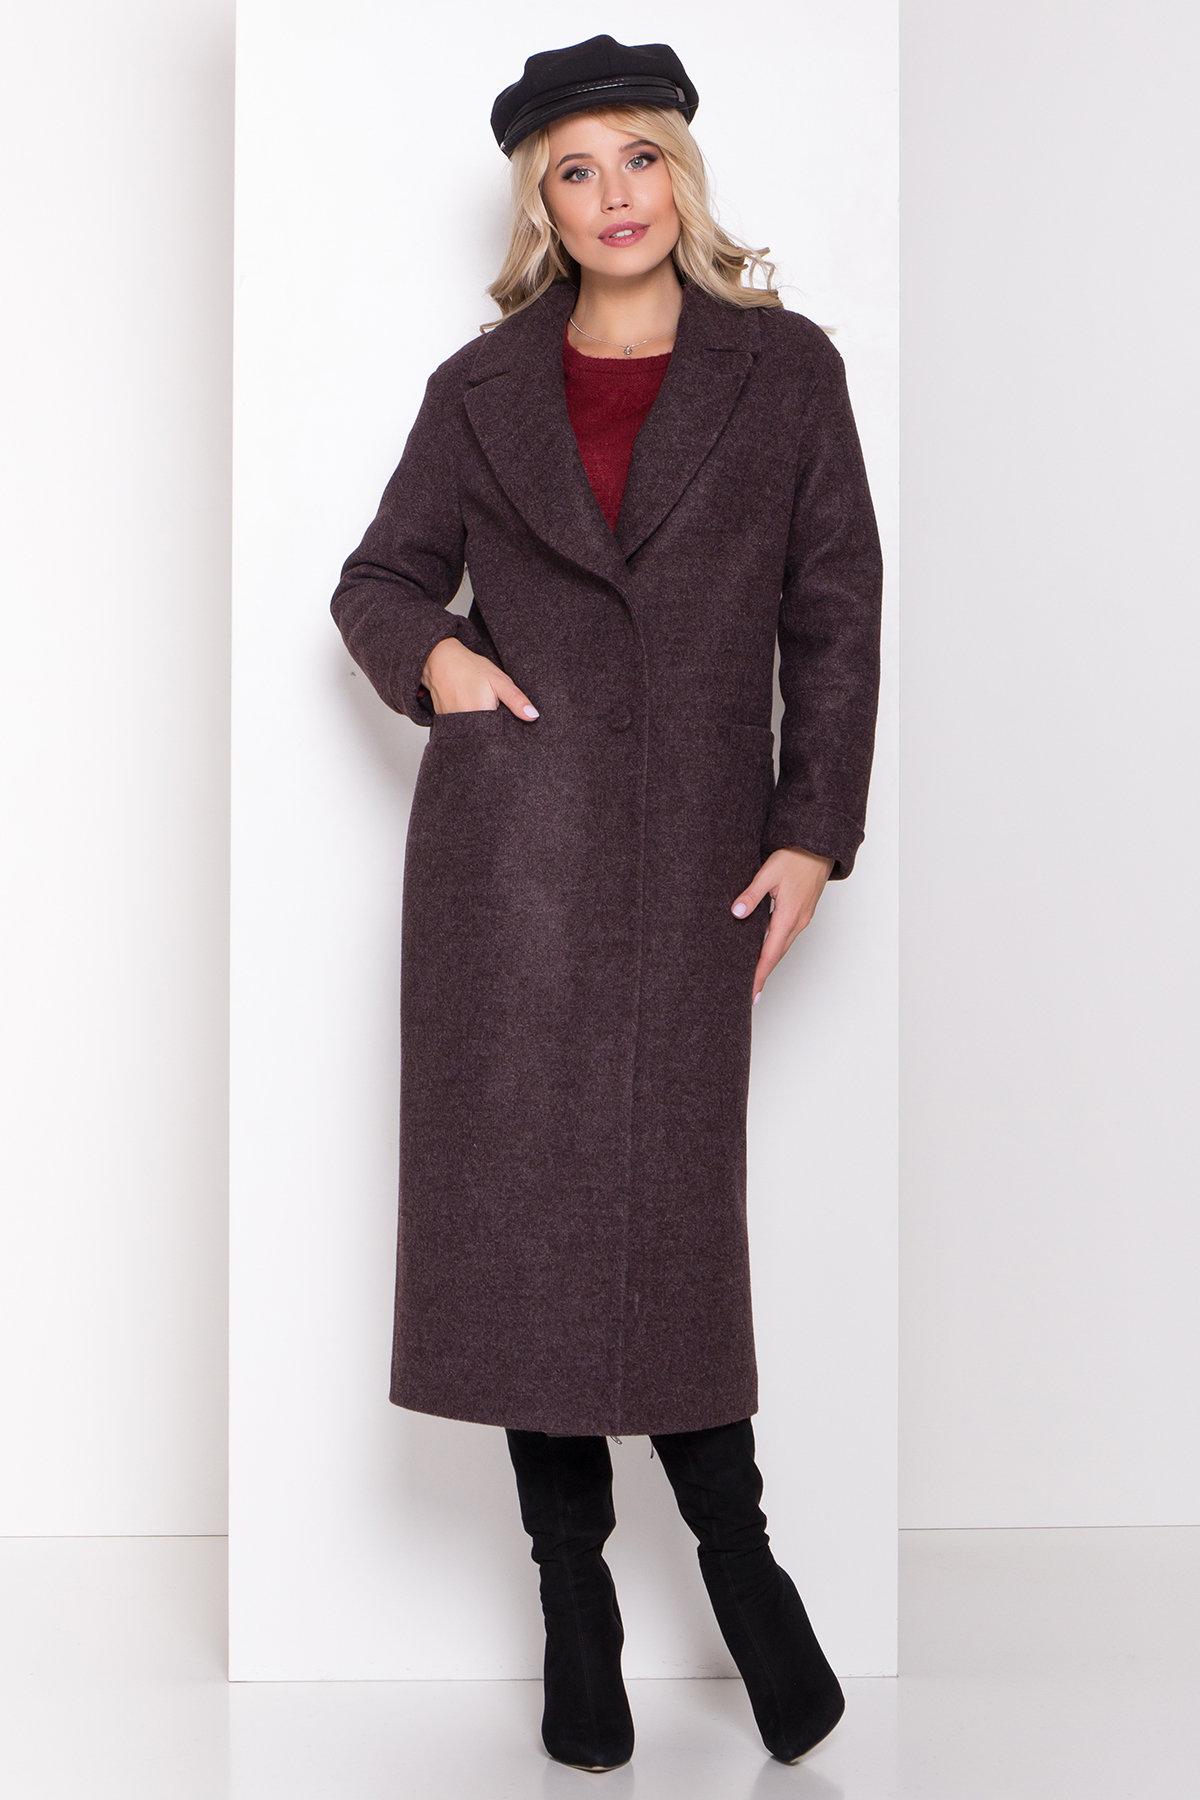 Длинное пальто зима Вива макси 8341 АРТ. 44495 Цвет: Шоколад 7 - фото 10, интернет магазин tm-modus.ru